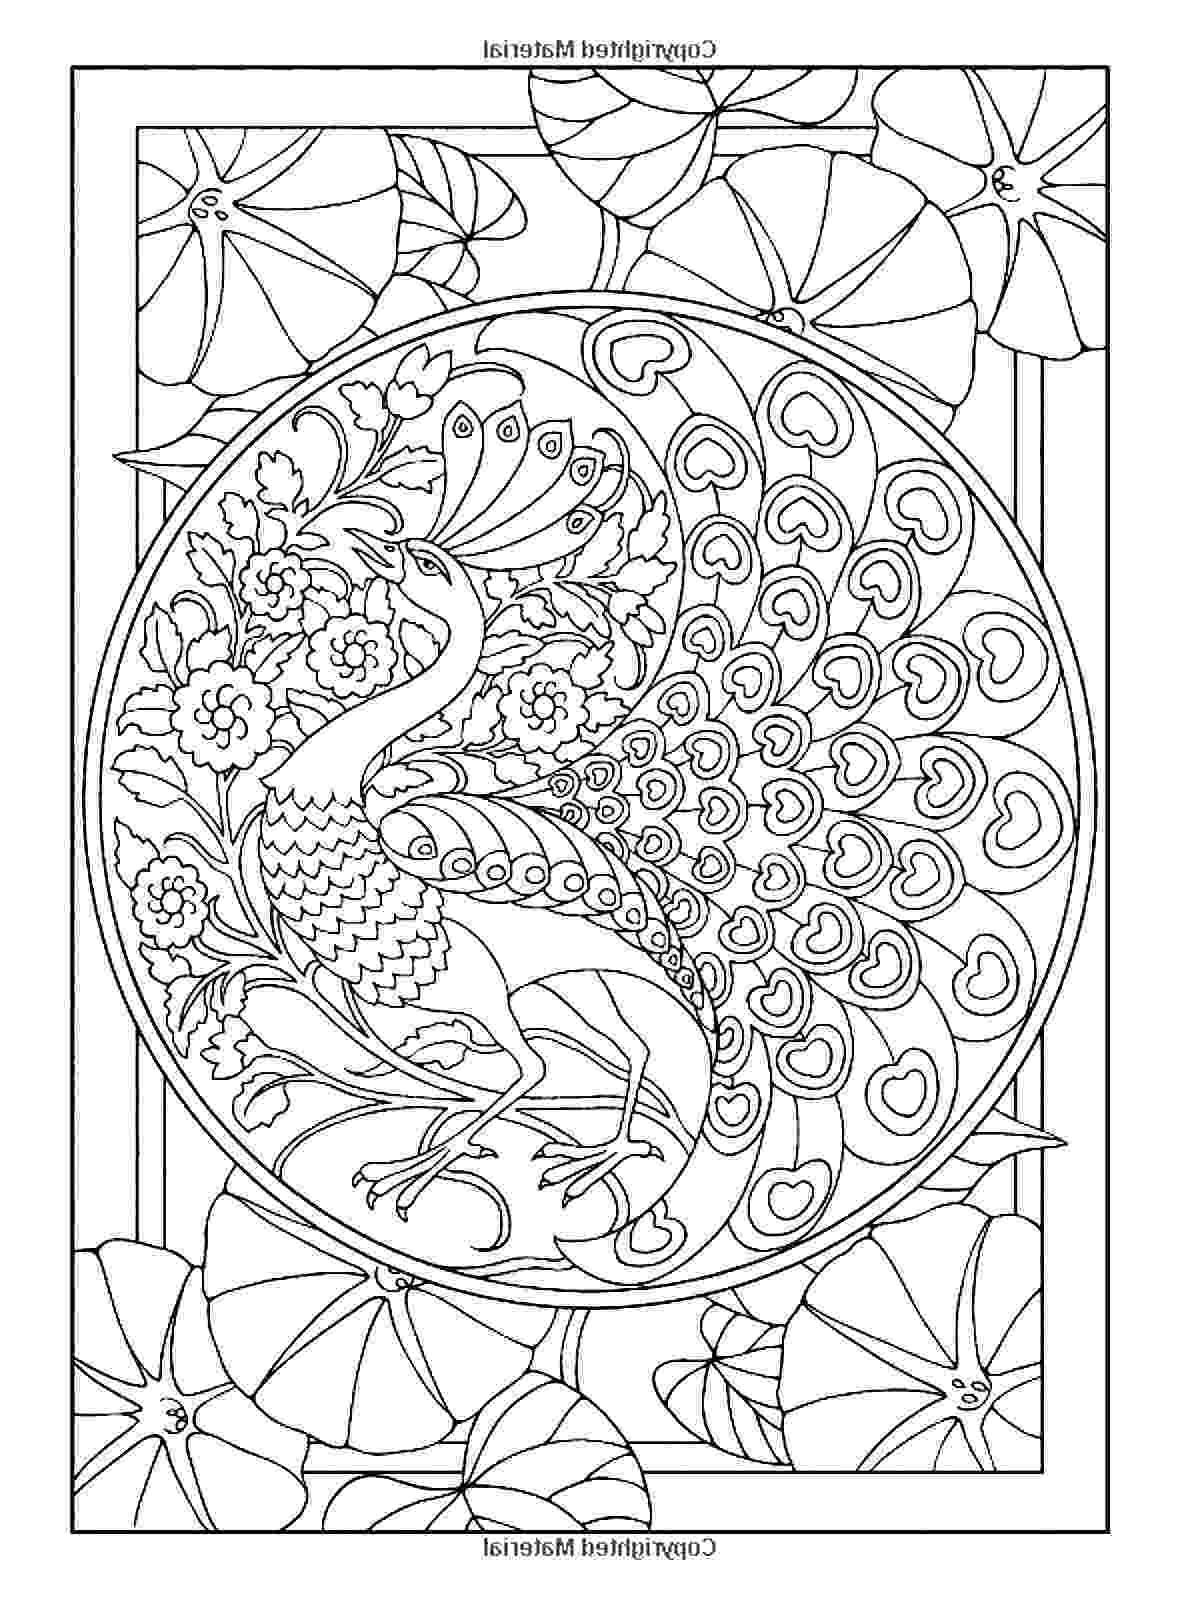 artistic coloring pages art nouveau style peacock art nouveau adult coloring pages coloring artistic pages